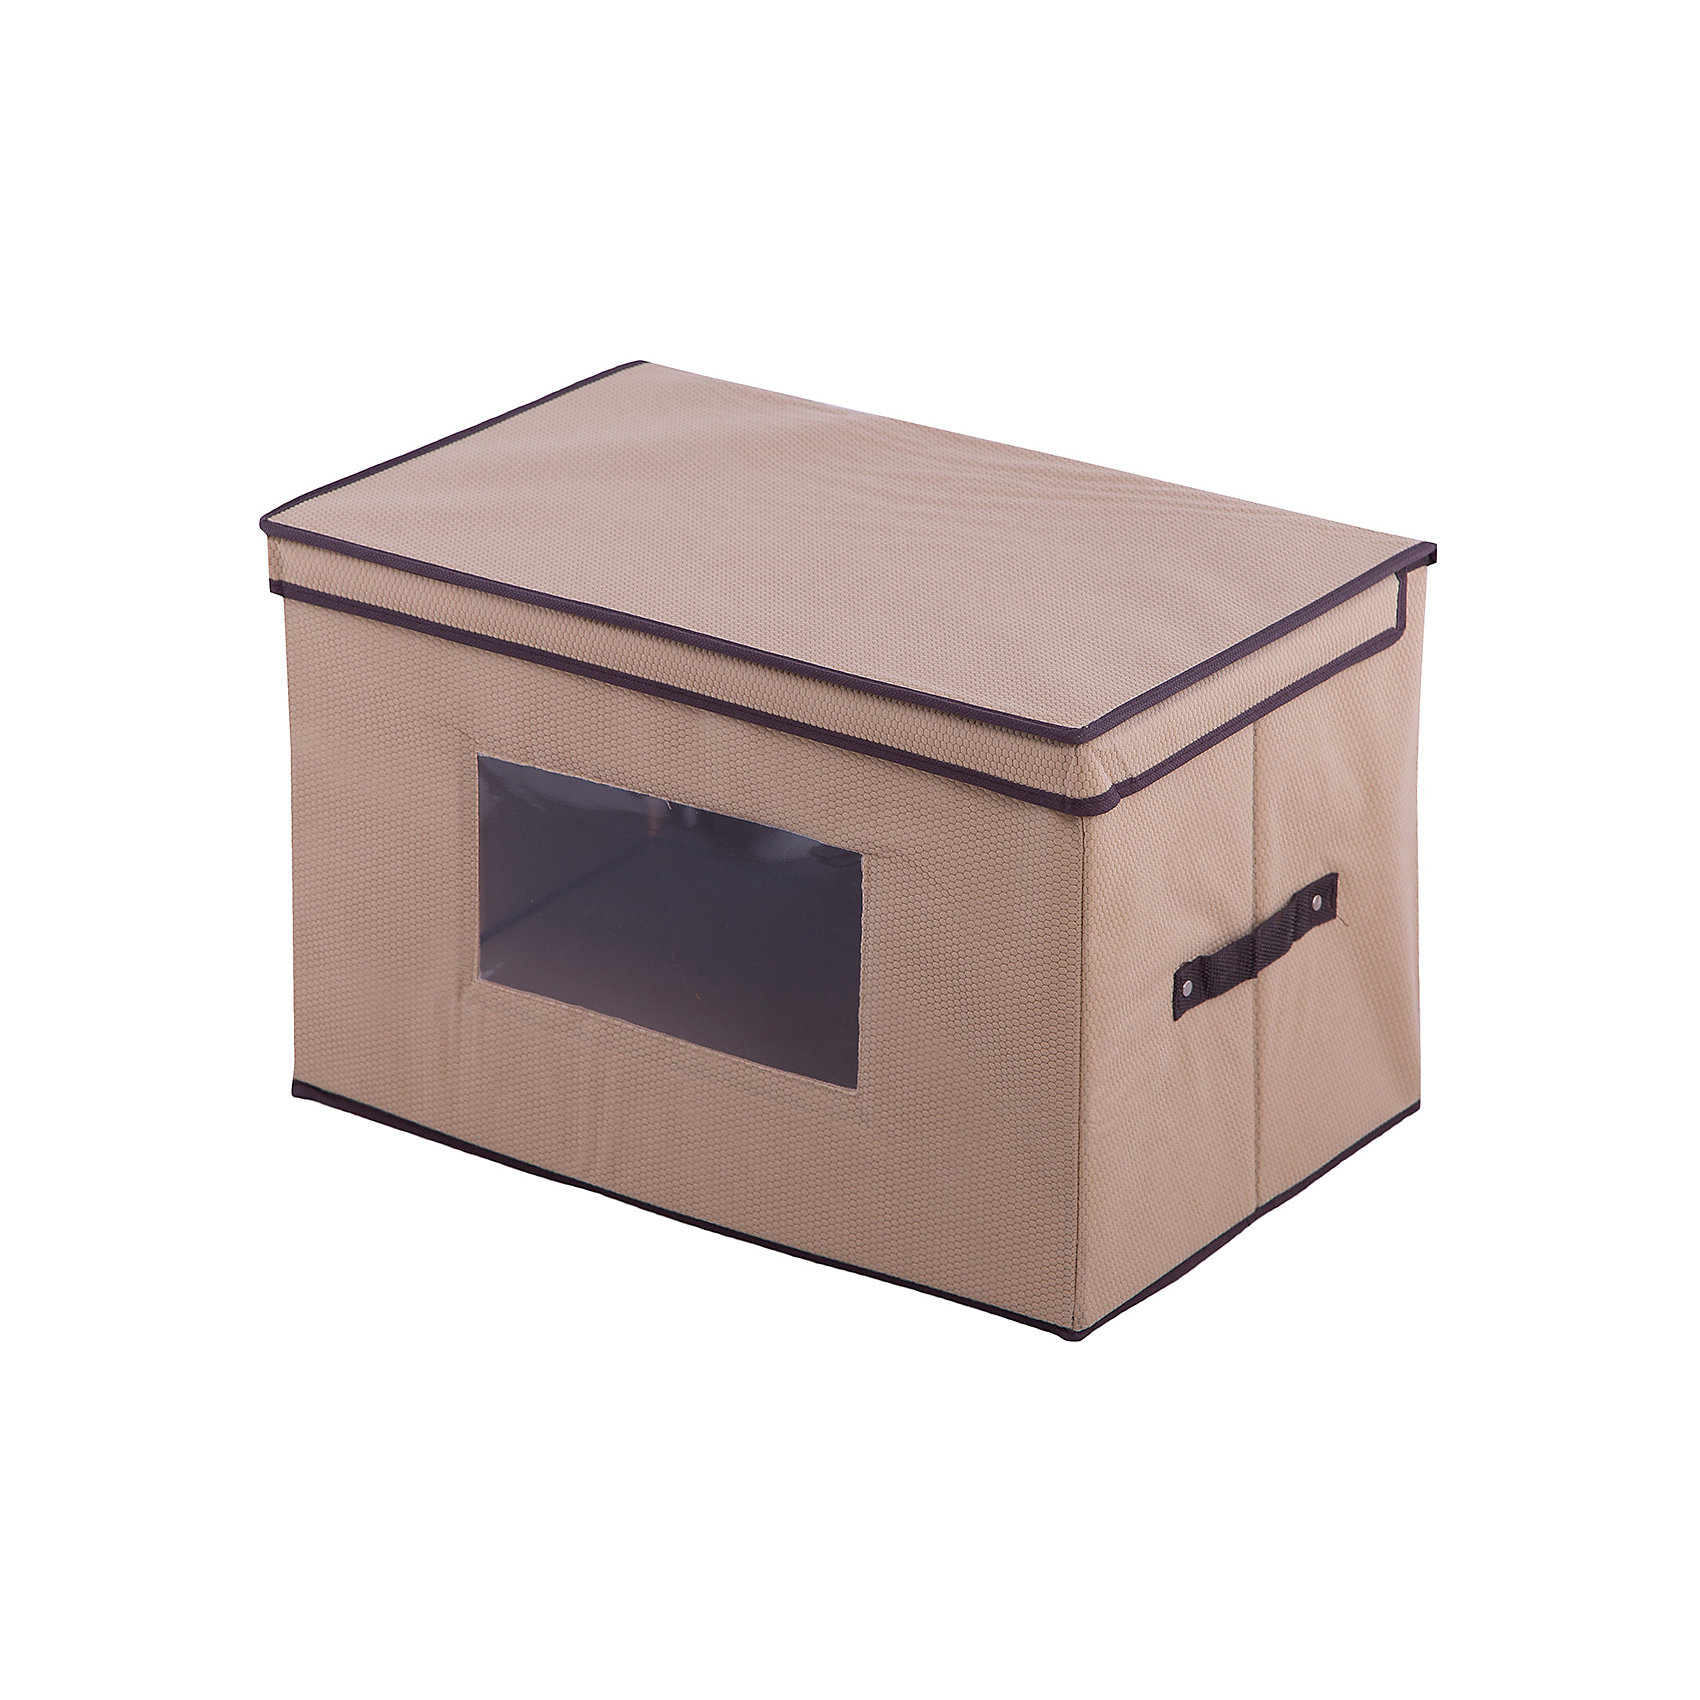 Кофр складной для хранения 48*31*31 см. Соты, EL Casa, бежевыйПорядок в детской<br>Вместительный кофр  для хранения EL Casa сезонной одежды и домашнего текстиля. Специальный нетканый материал позволяет воздуху проникать внутрь, при этом защищая Ваши вещи от влаги и пыли. Прозрачная вставка позволяет видеть содержимое кофра.  Для удобства в обращении  по бокам имеются ручки.  Благодаря эстетичному дизайну кофр гармонично смотрится в любом интерьер<br><br>Ширина мм: 420<br>Глубина мм: 370<br>Высота мм: 52<br>Вес г: 1200<br>Возраст от месяцев: 0<br>Возраст до месяцев: 1188<br>Пол: Унисекс<br>Возраст: Детский<br>SKU: 6668784